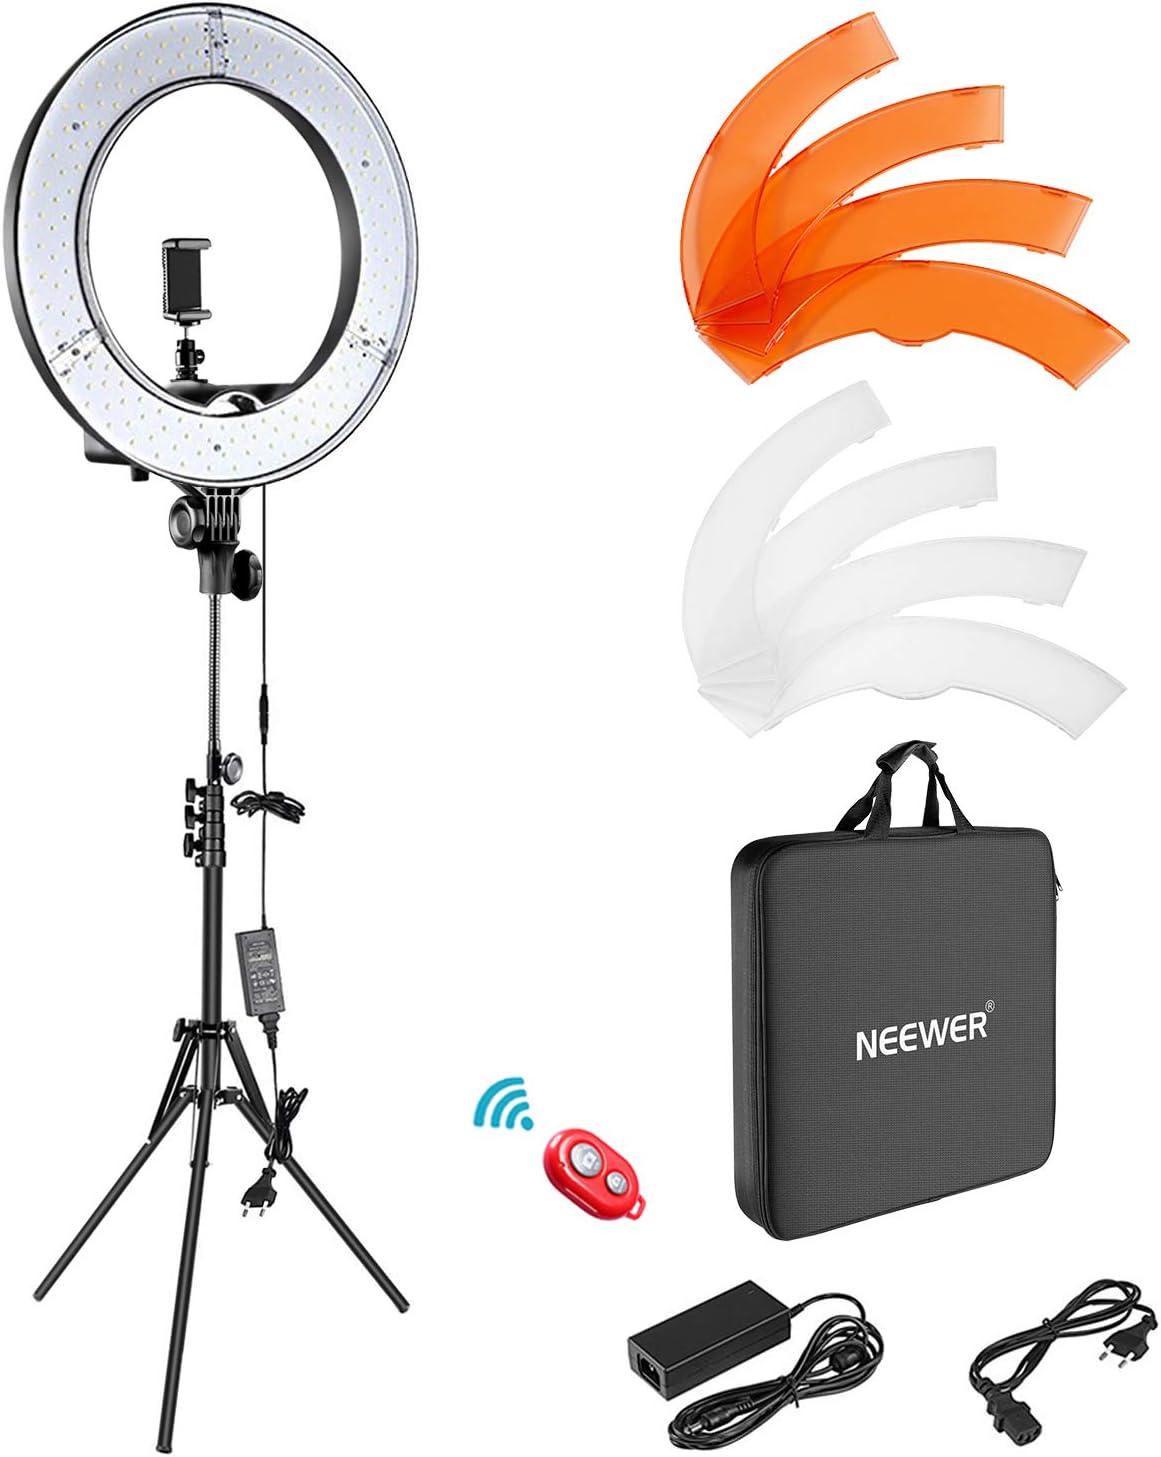 Neewer Anillo de Luz LED Regulable Iluminación Kit 48cm Exterior 52W 5500K Soporte de Luz Receptor para Teléfono Inteligente Youtube Autorretrato de Grabación